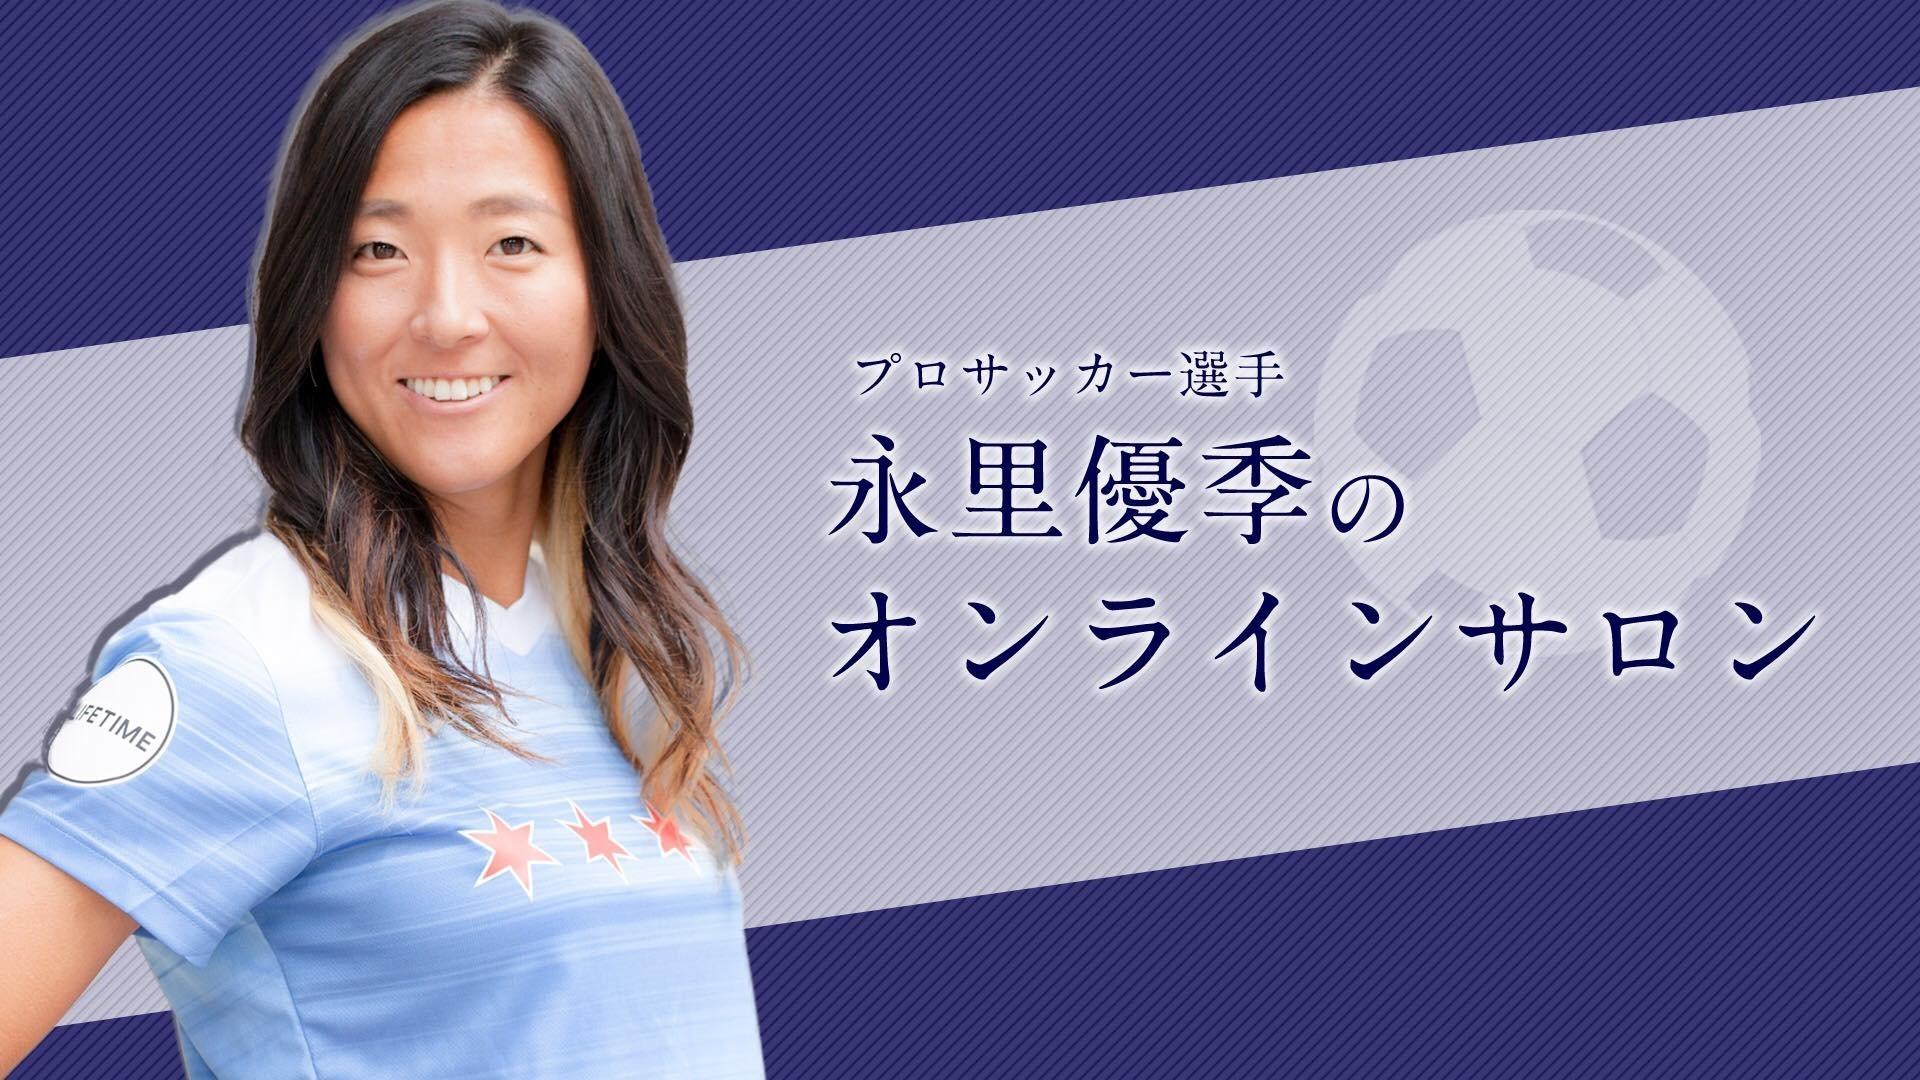 プロサッカー選手永里優季のオンラインサロン